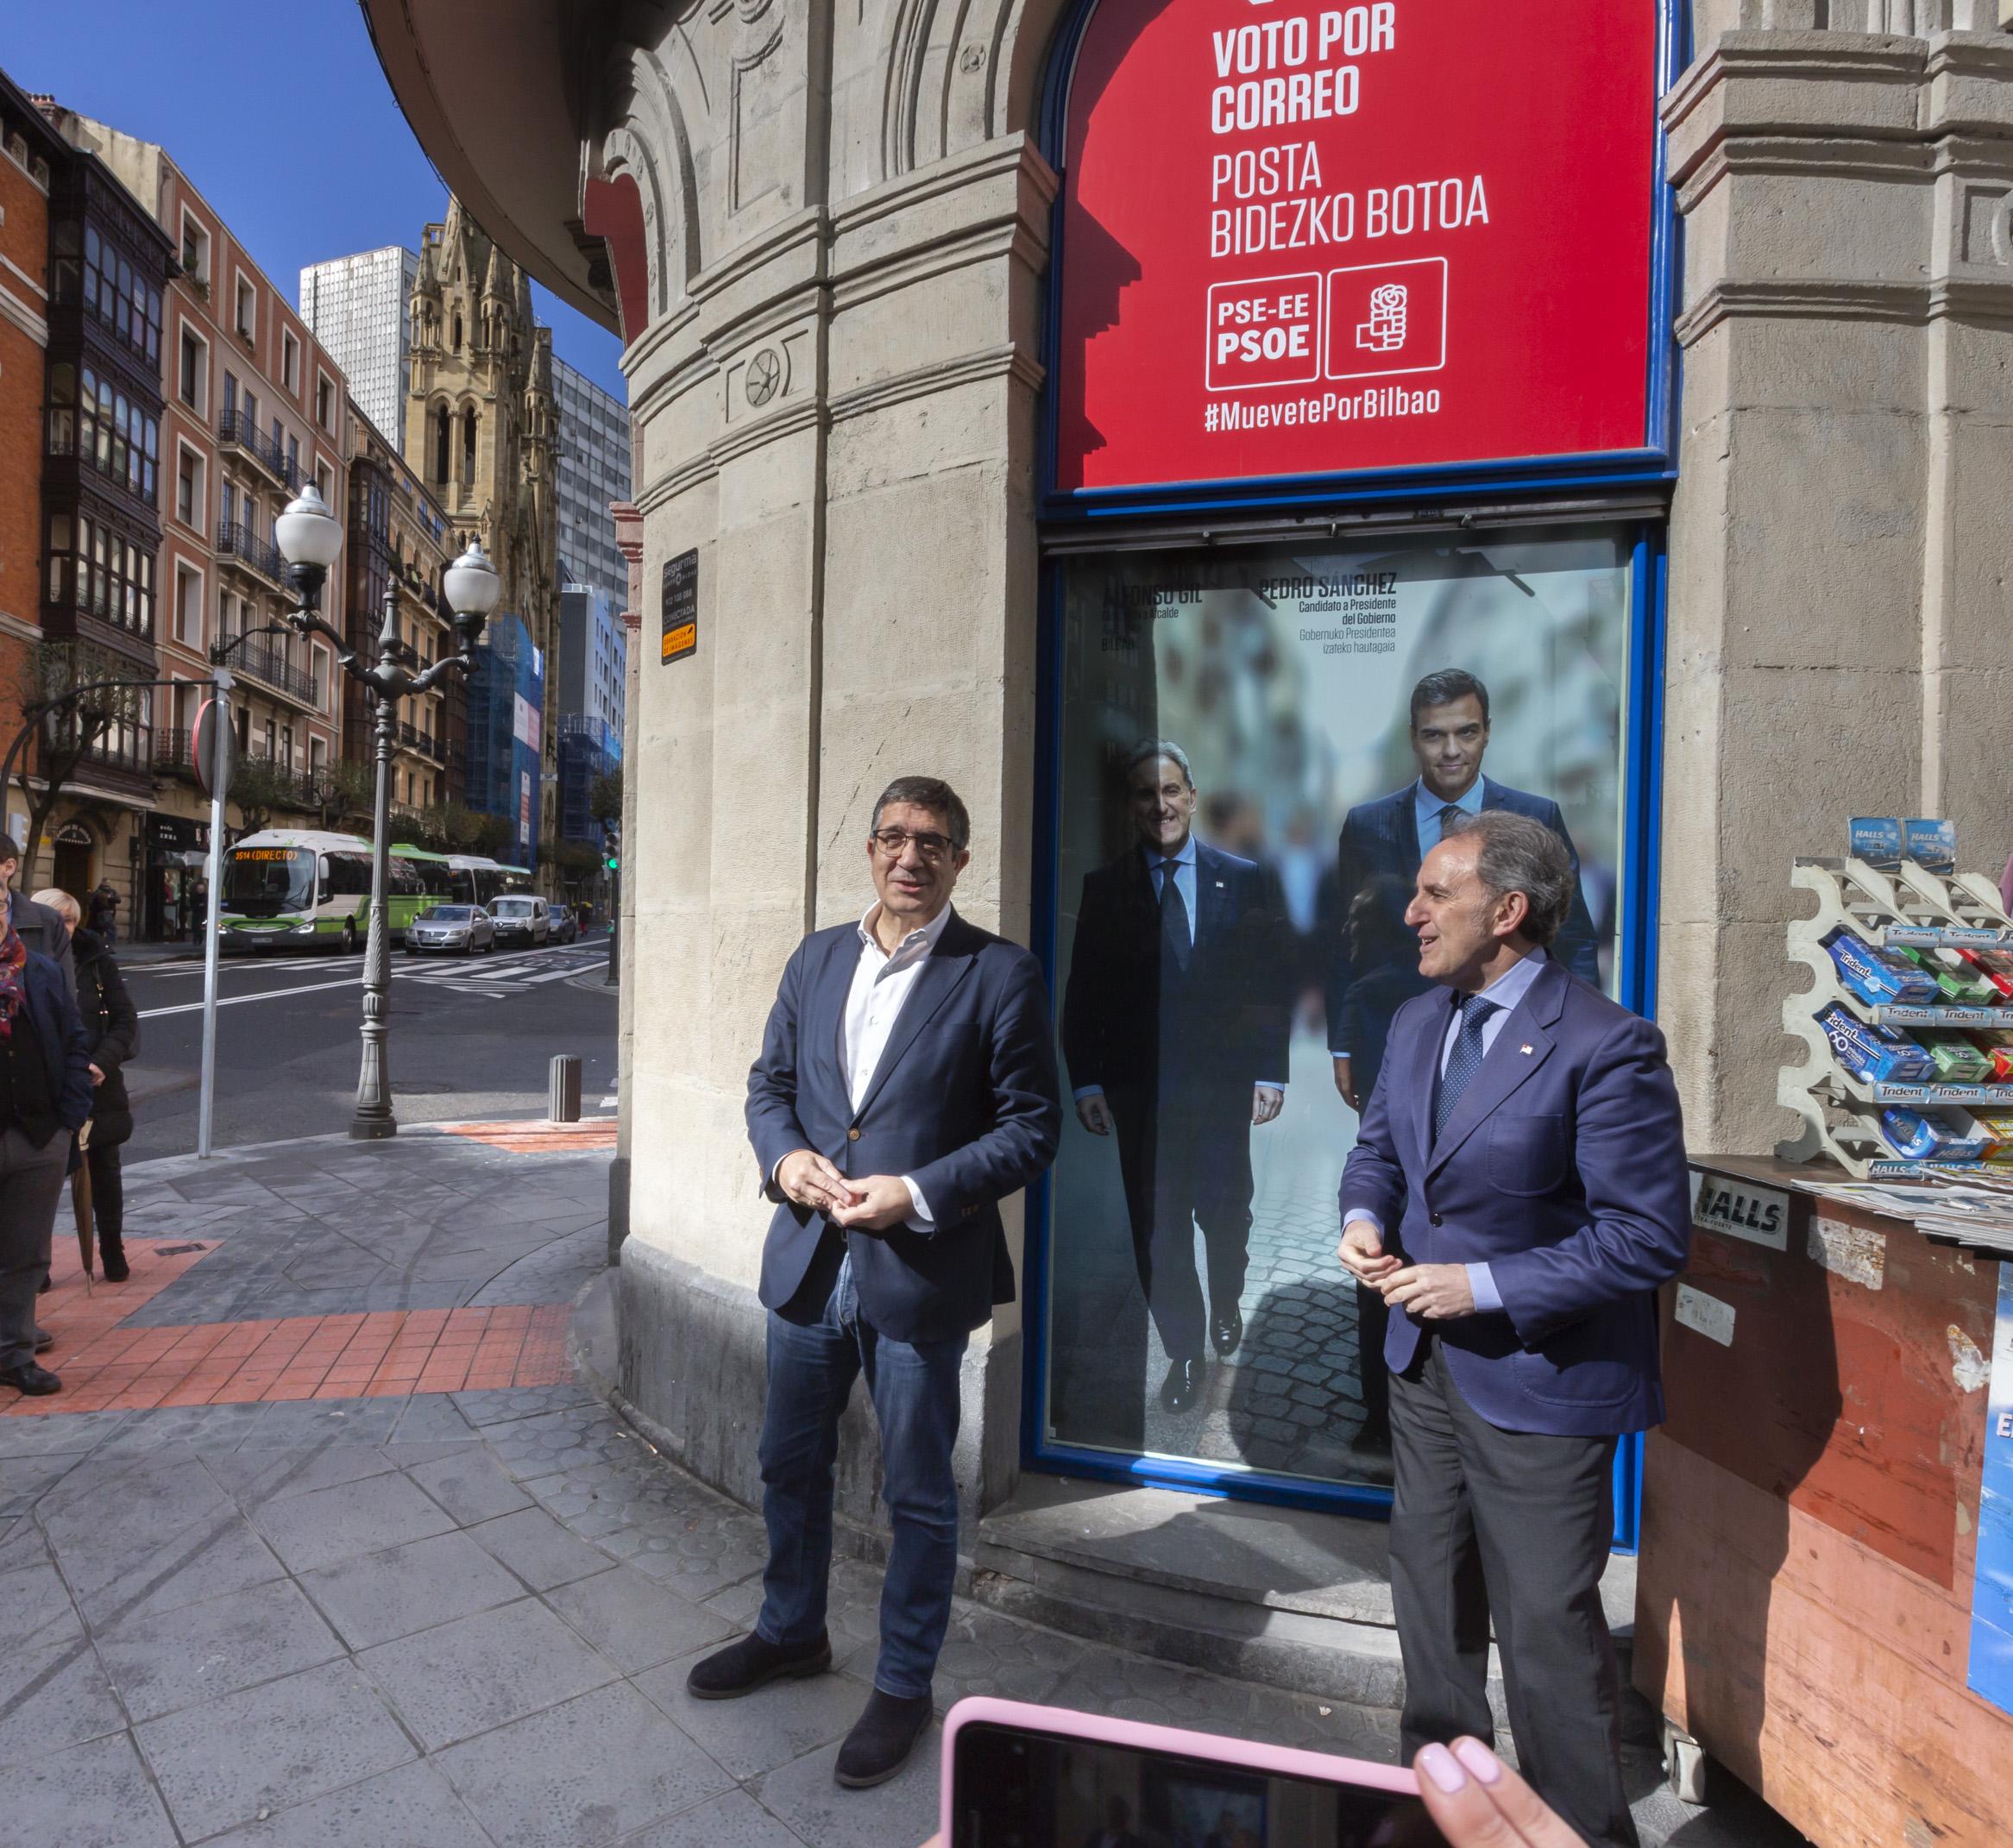 Inauguración Oficina de Información Ciudadana de PSE-EE en Bilbao